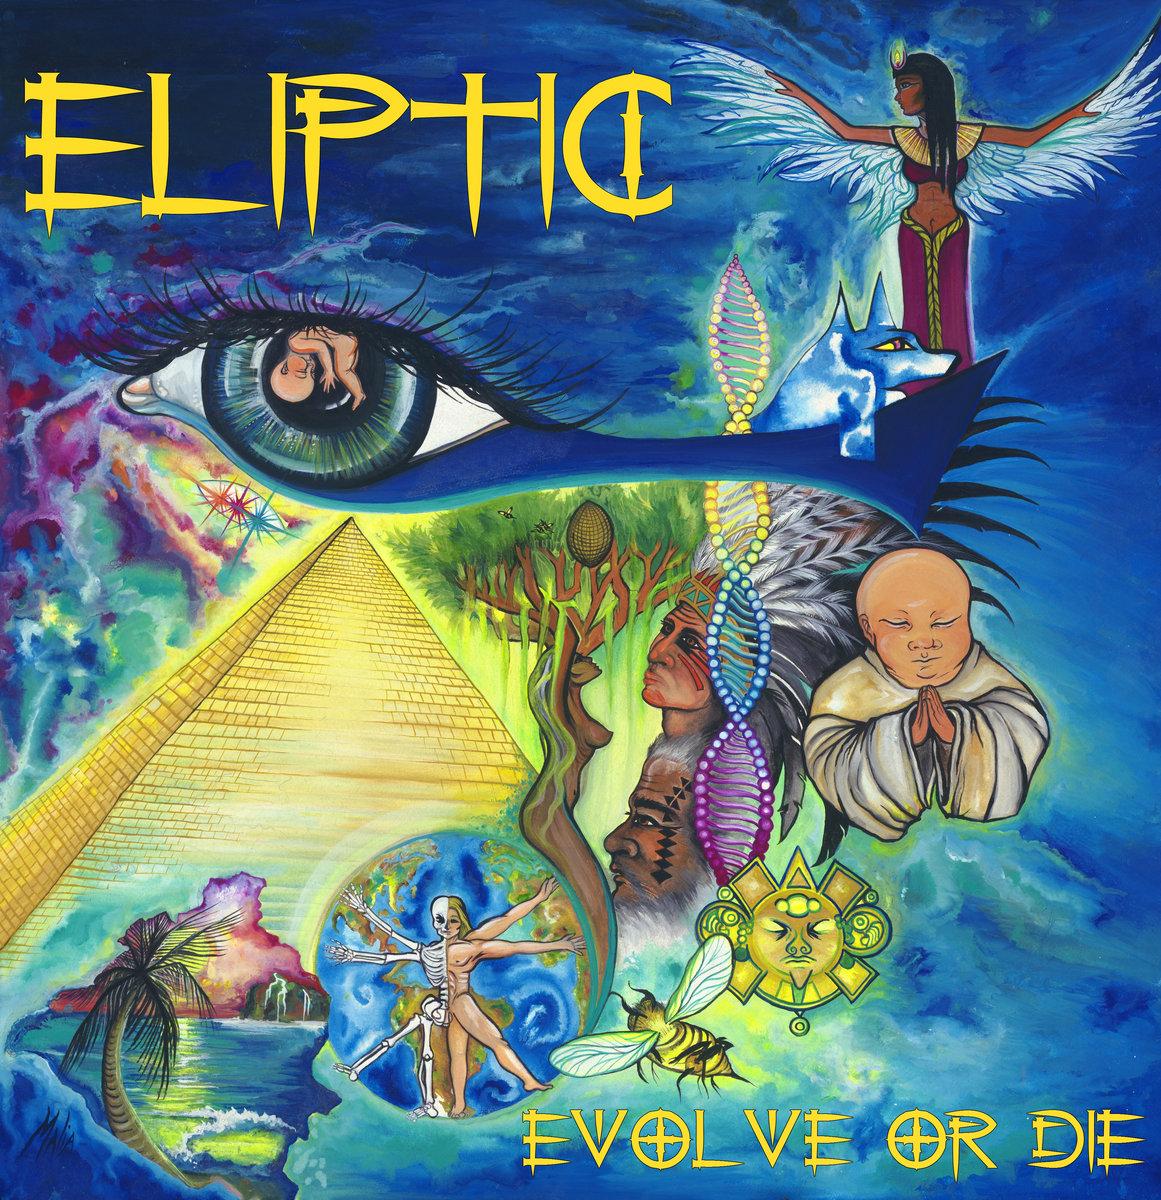 Eliptic – Evolve or Die